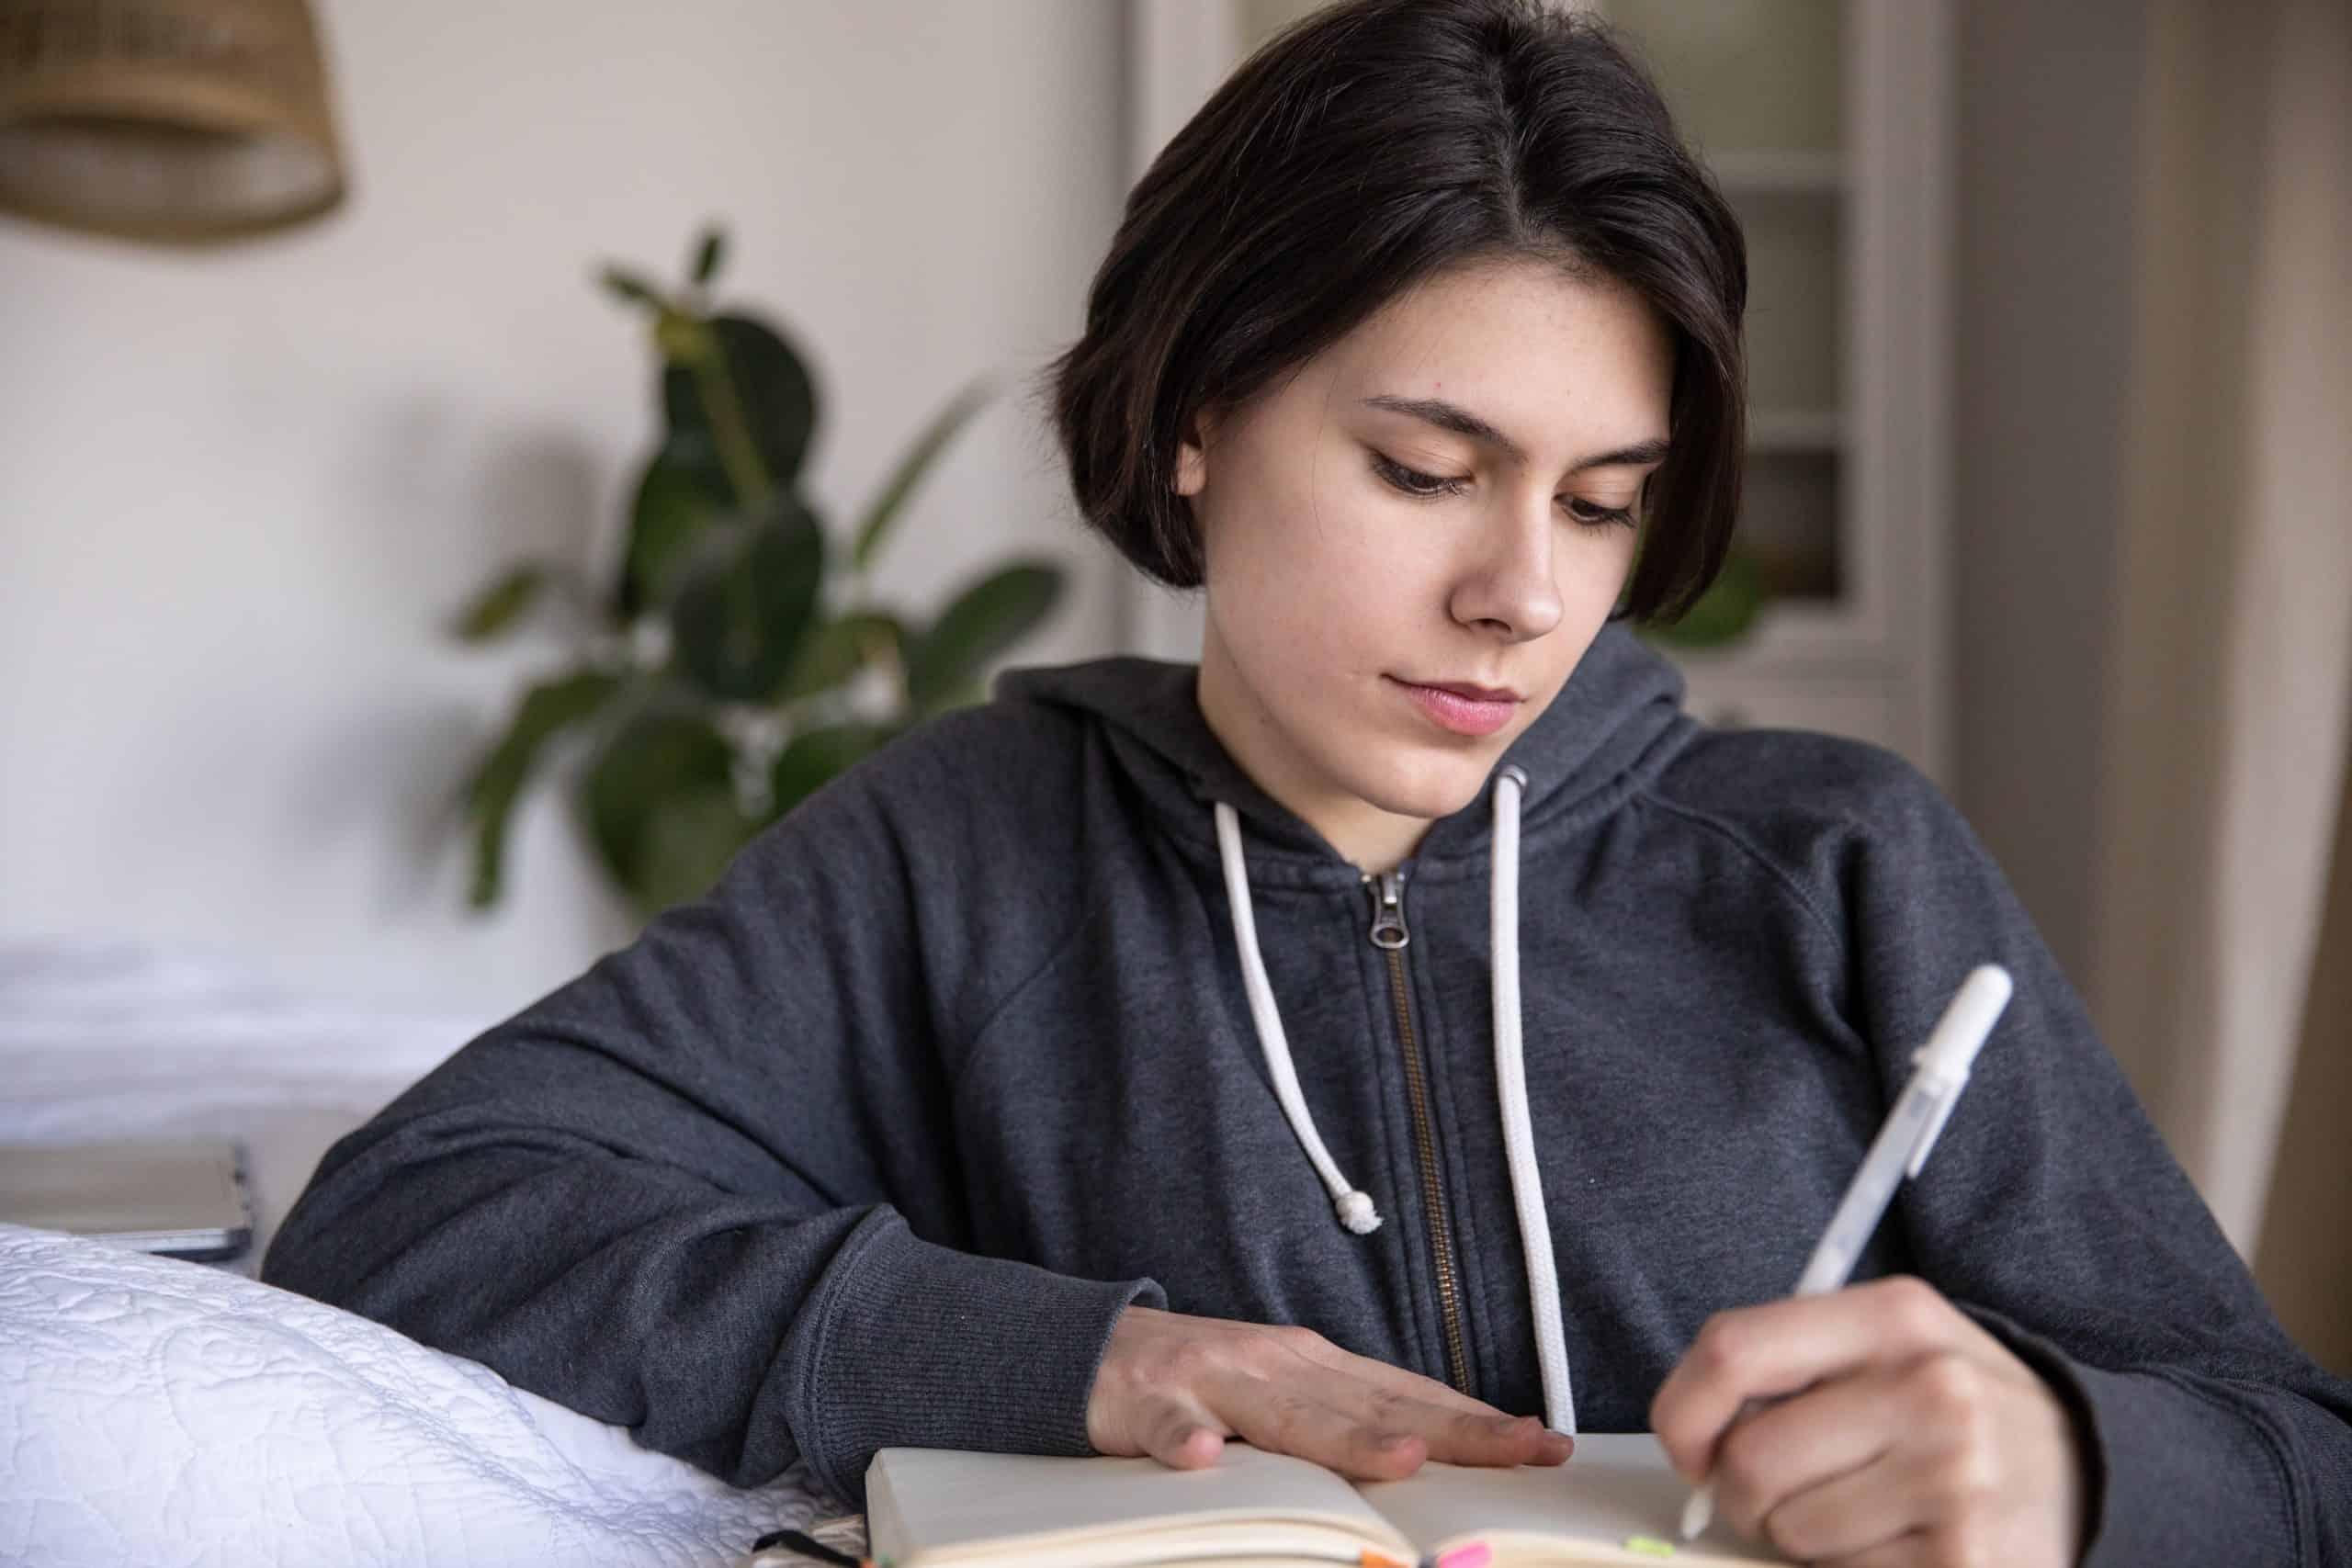 foto av kvinna som skriver på en anteckningsbok